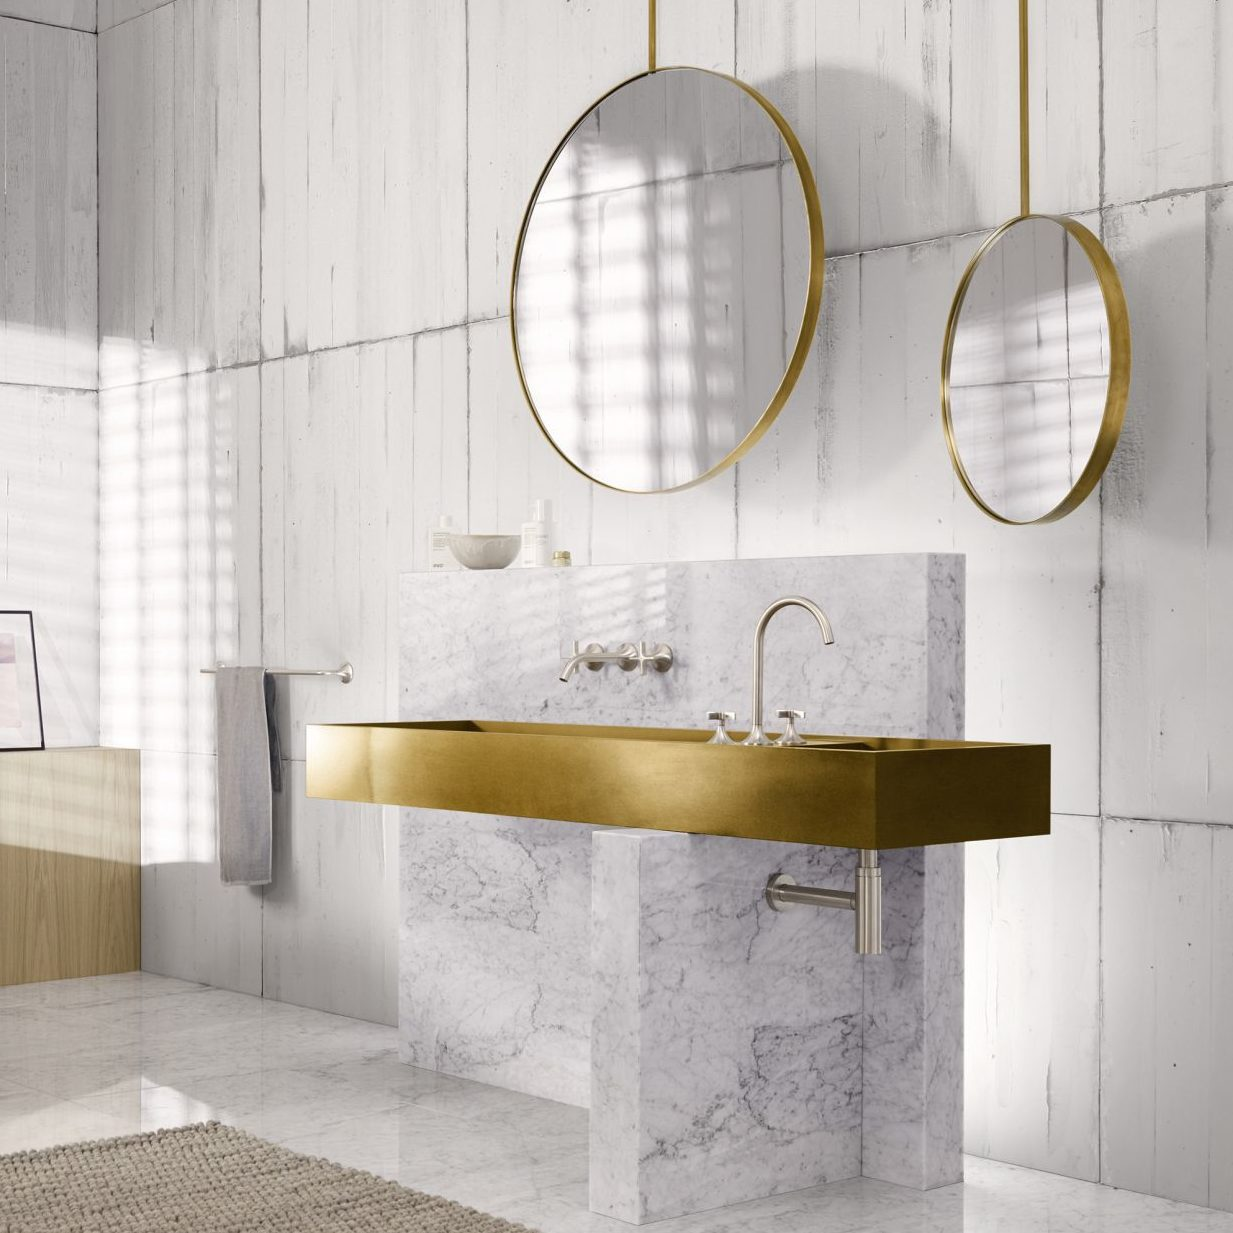 Lustra Design Mirrors z oświetleniem marki Alape. Możliwość regulacji natężenia światła. Lustra posiadają funkcję zapamiętywania ostatniego ustawienia natężenia światła. Dostępne w wersji okrągłej i prostokątnej. Projekt Sieger Design. Cena od ok. 4 250 zł. Na zdjęciu widoczna również armatura Vaia od Dornbracht. www.alape.com, www.dornbracht.com/pl